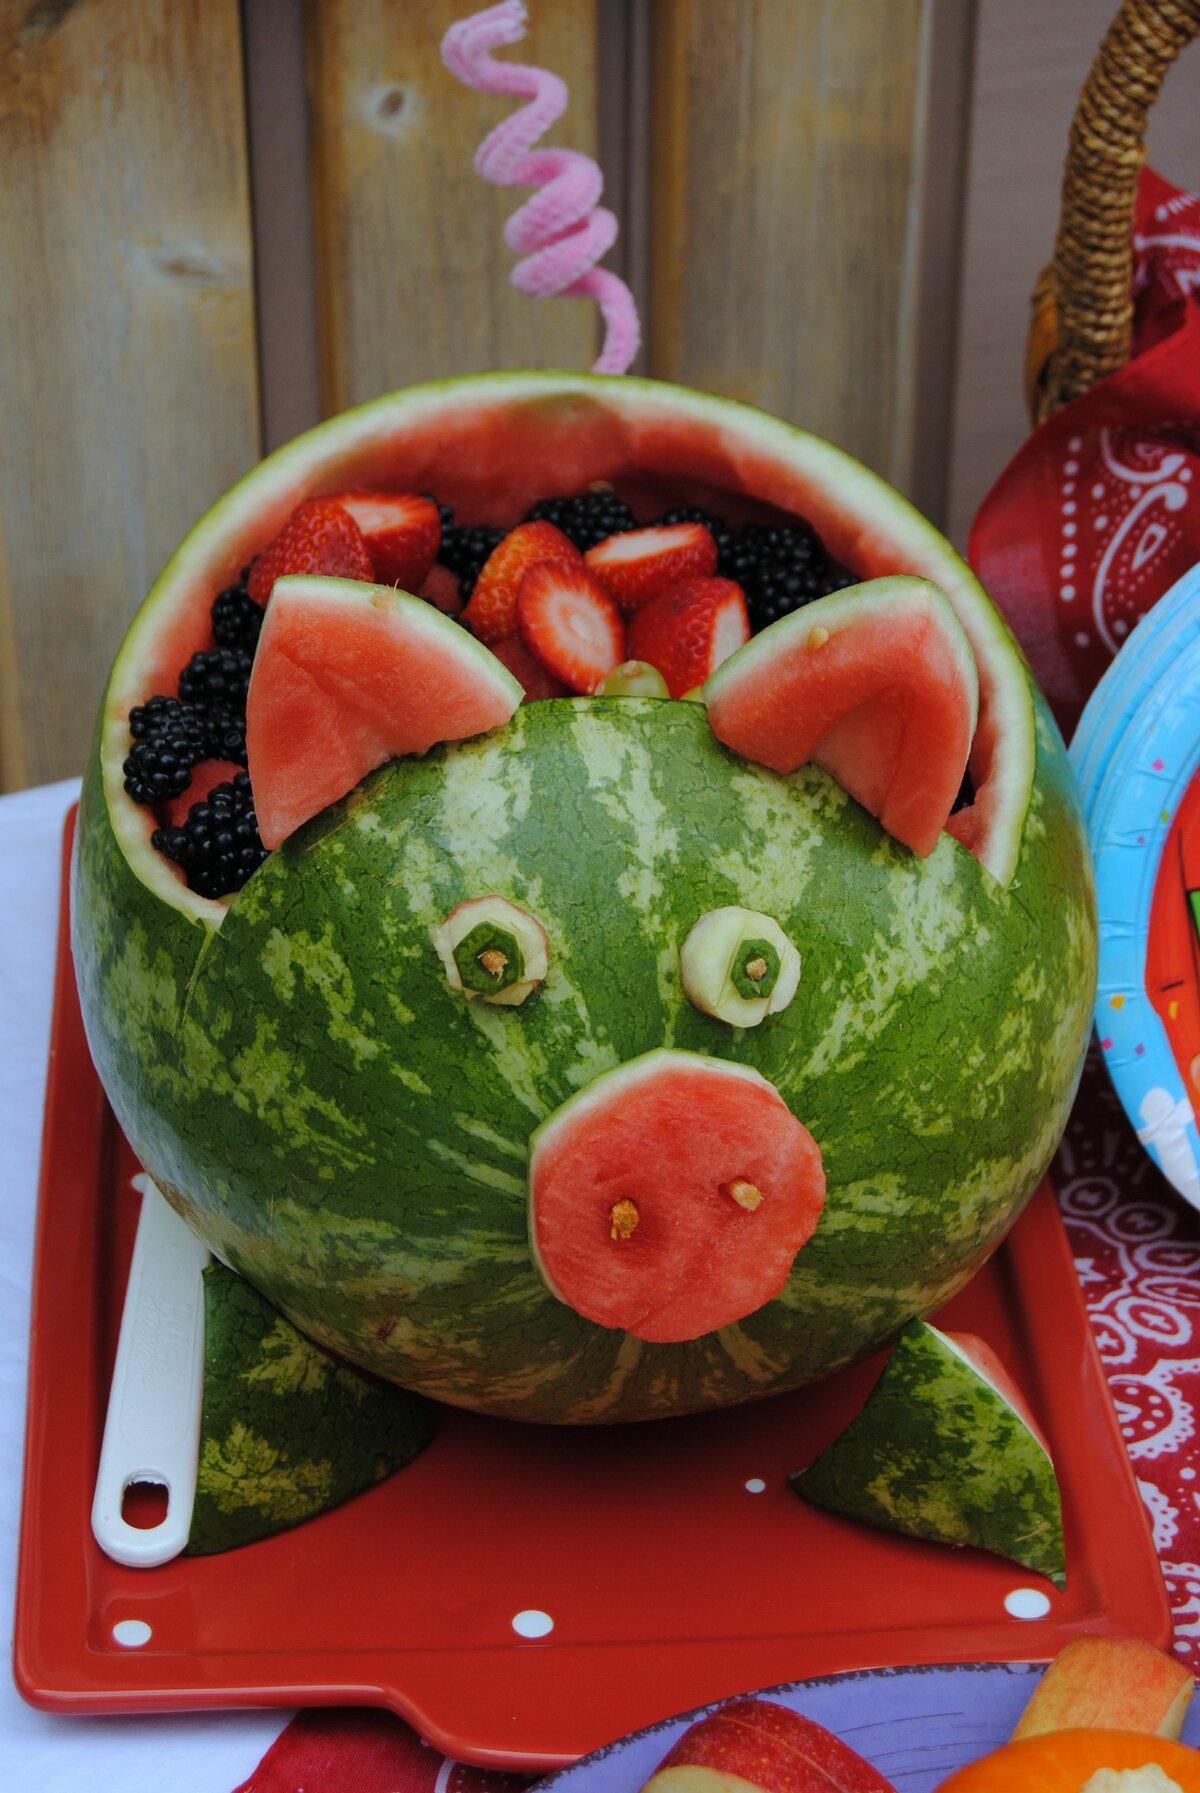 крышечке можно свинья в арбузах картинки такого возраста удовольствием